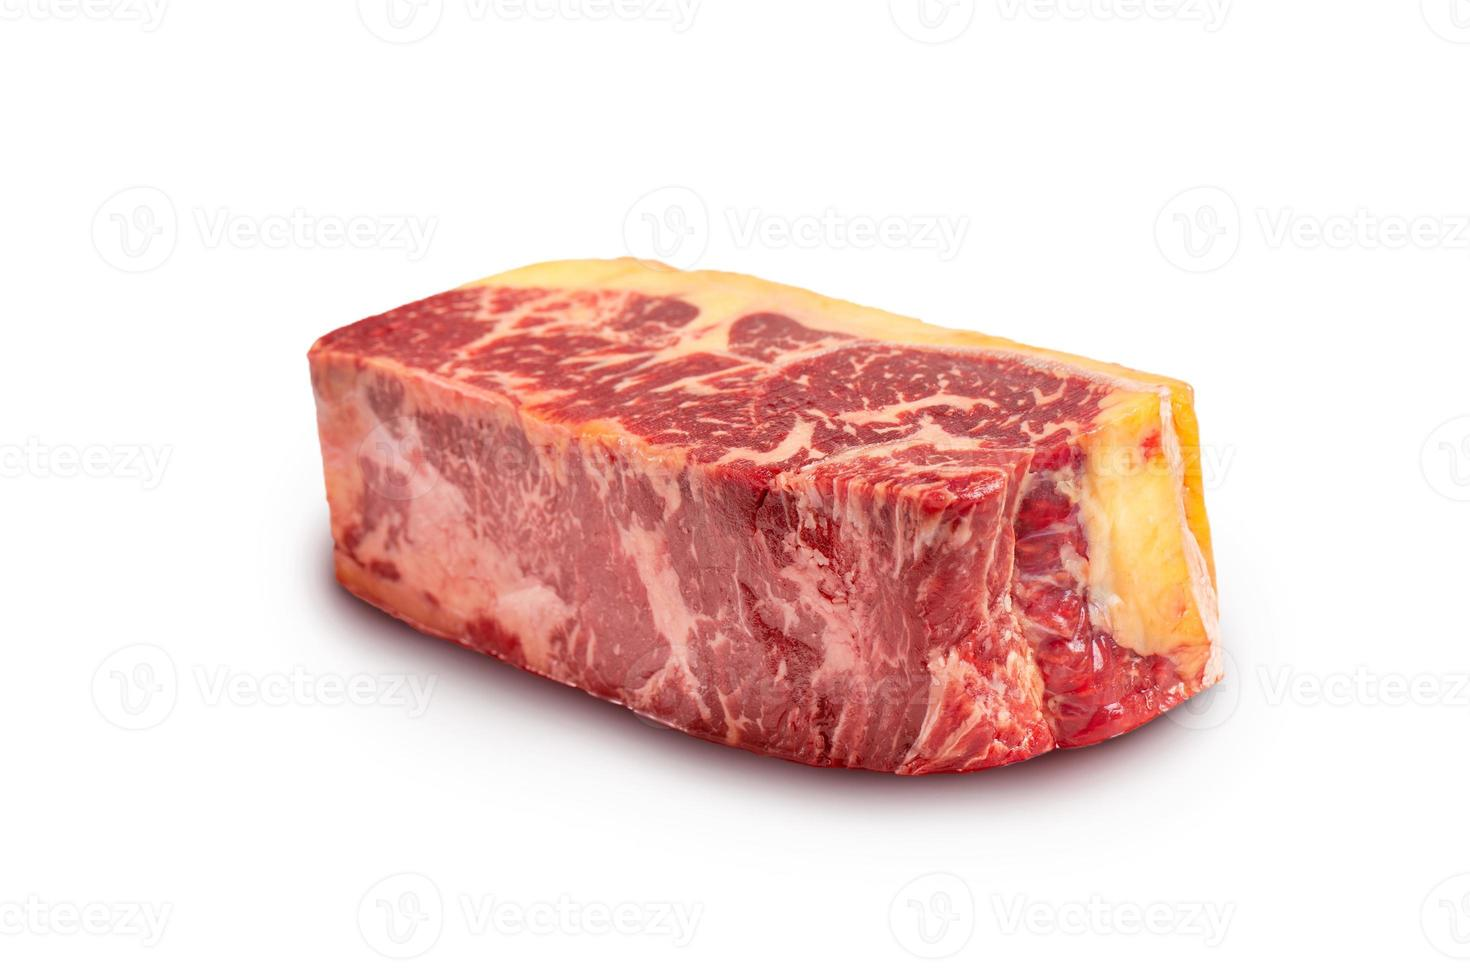 nötkött nötkött limpa isolerad på en vit bakgrund foto